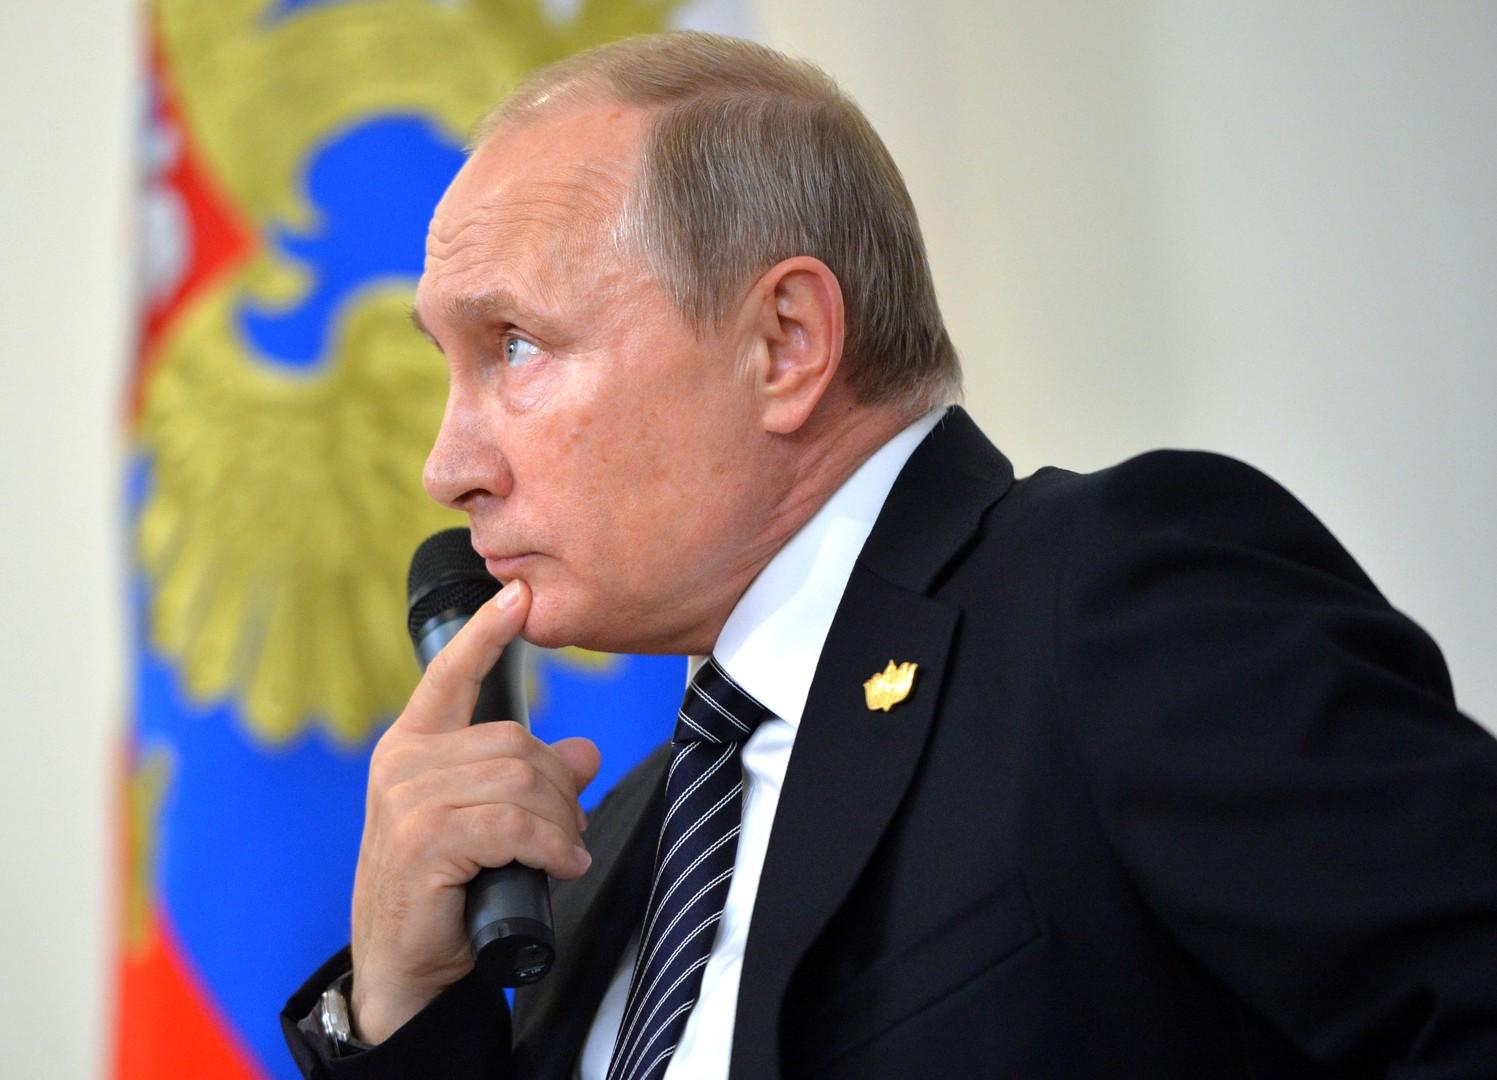 «От наших американских друзей можно ожидать чего угодно»: Путин о США, санкциях и хакерах